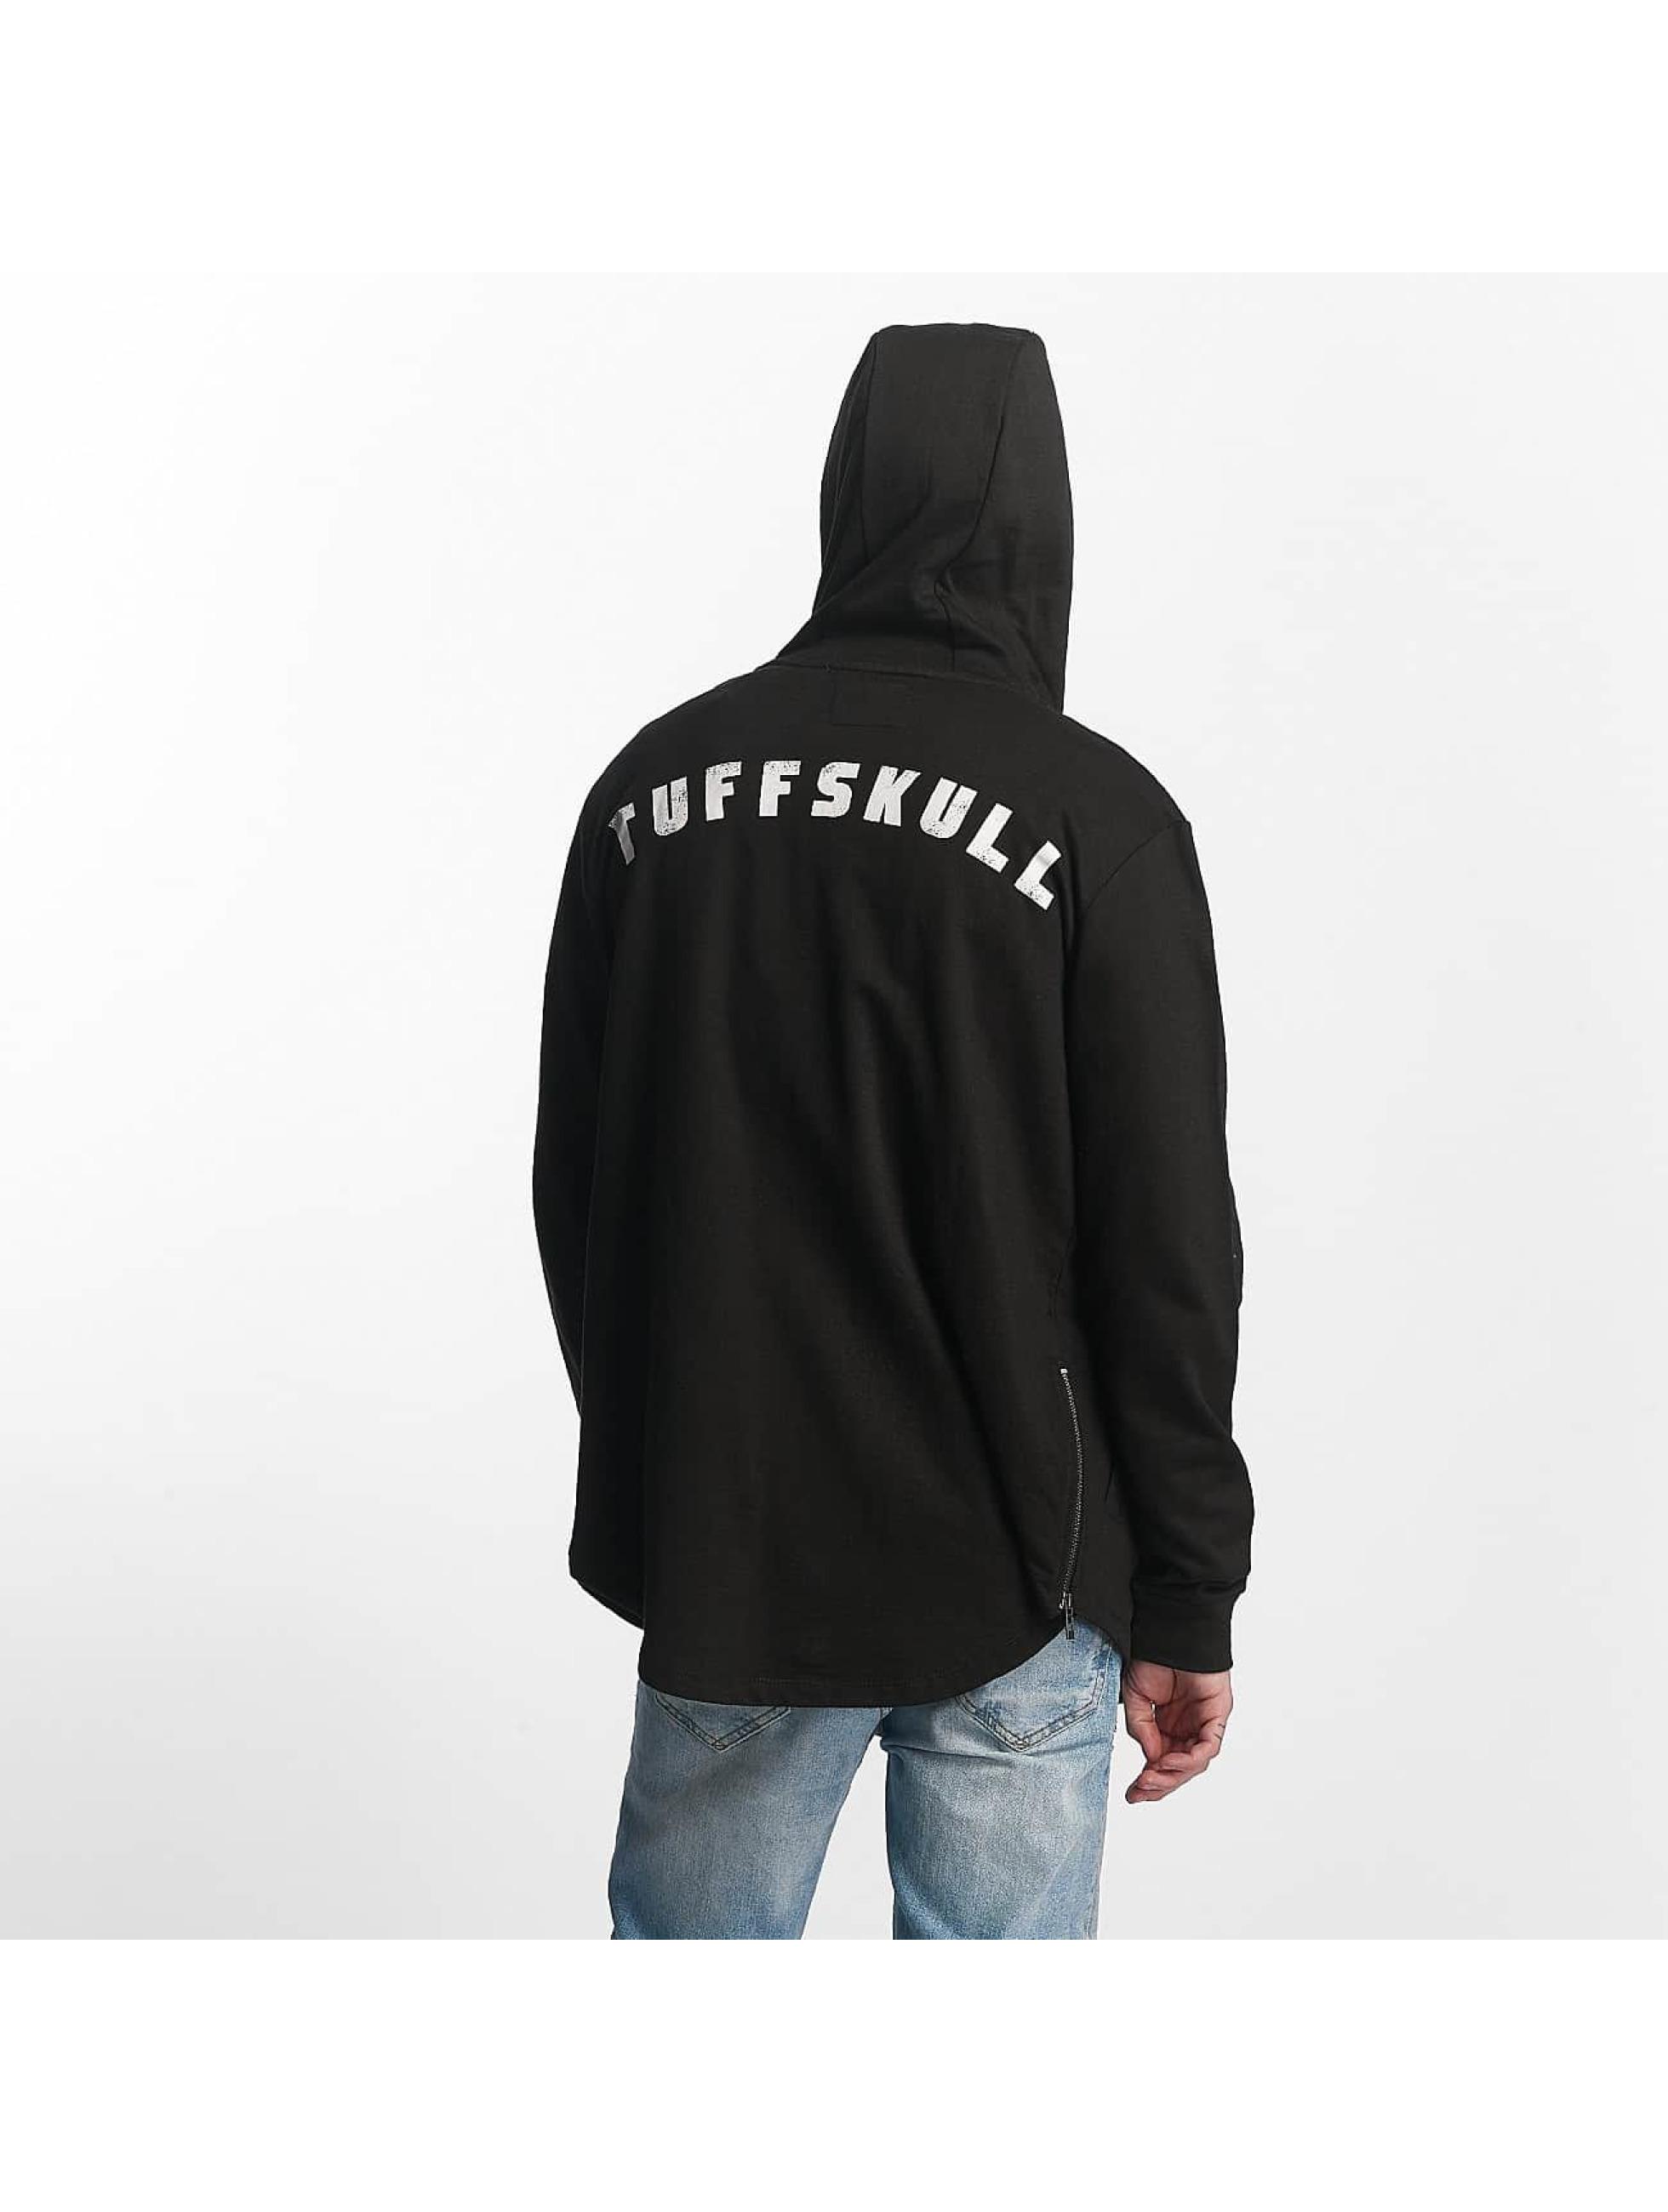 Tuffskull Zomerjas Kopenhagen zwart